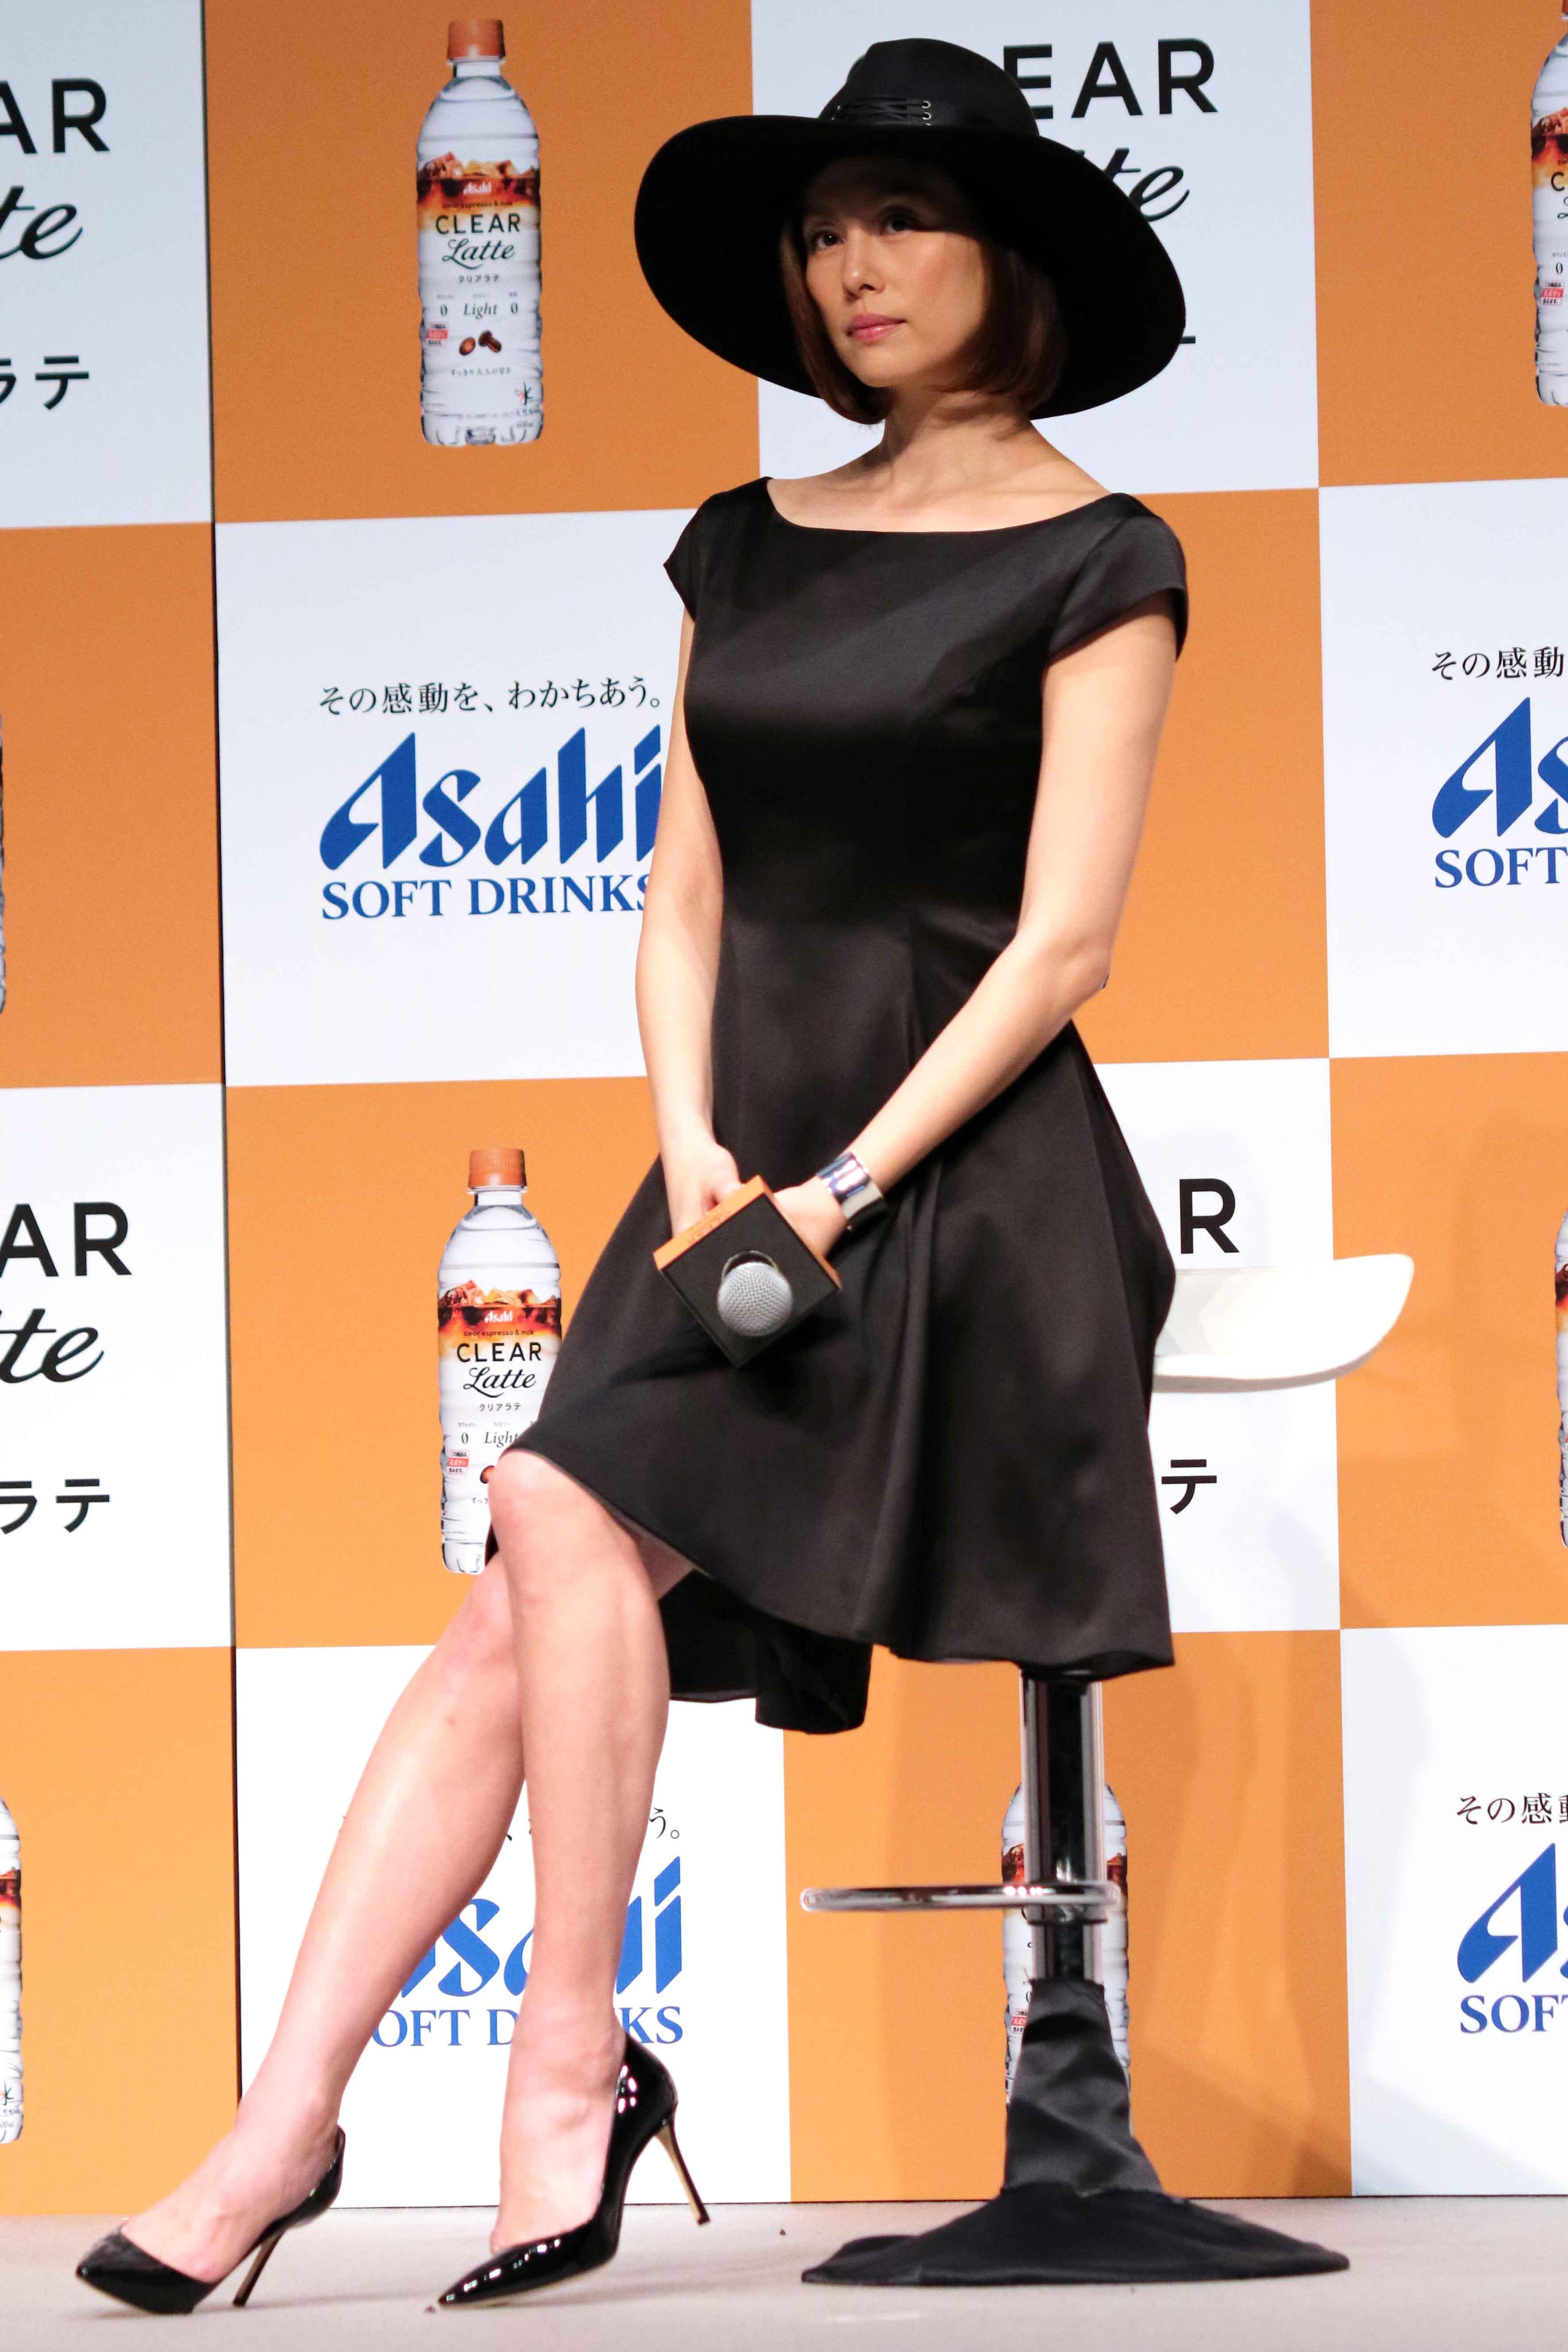 米倉涼子の意外な願望 透明人間になったら「人のお宅を…」 - 米倉涼子